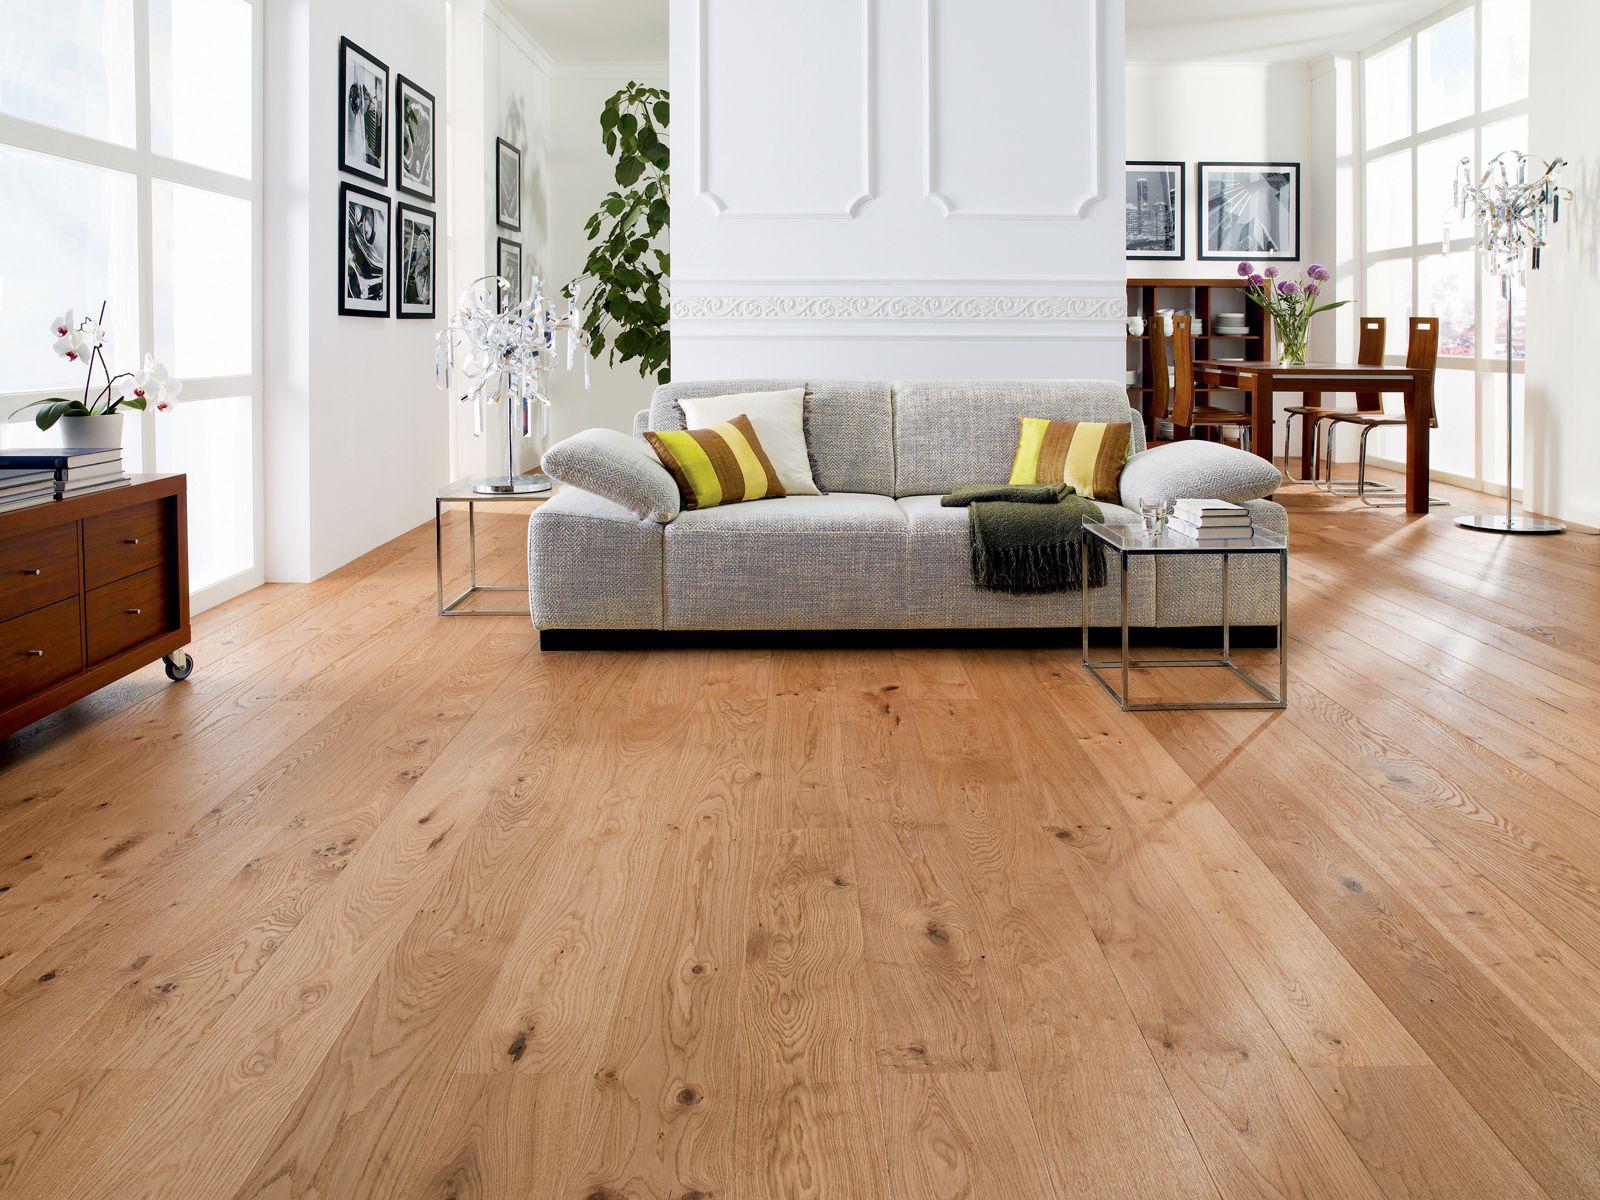 die besten 25 wohnwand eiche ideen auf pinterest wohnwand weiss die eiche und holzdielen. Black Bedroom Furniture Sets. Home Design Ideas